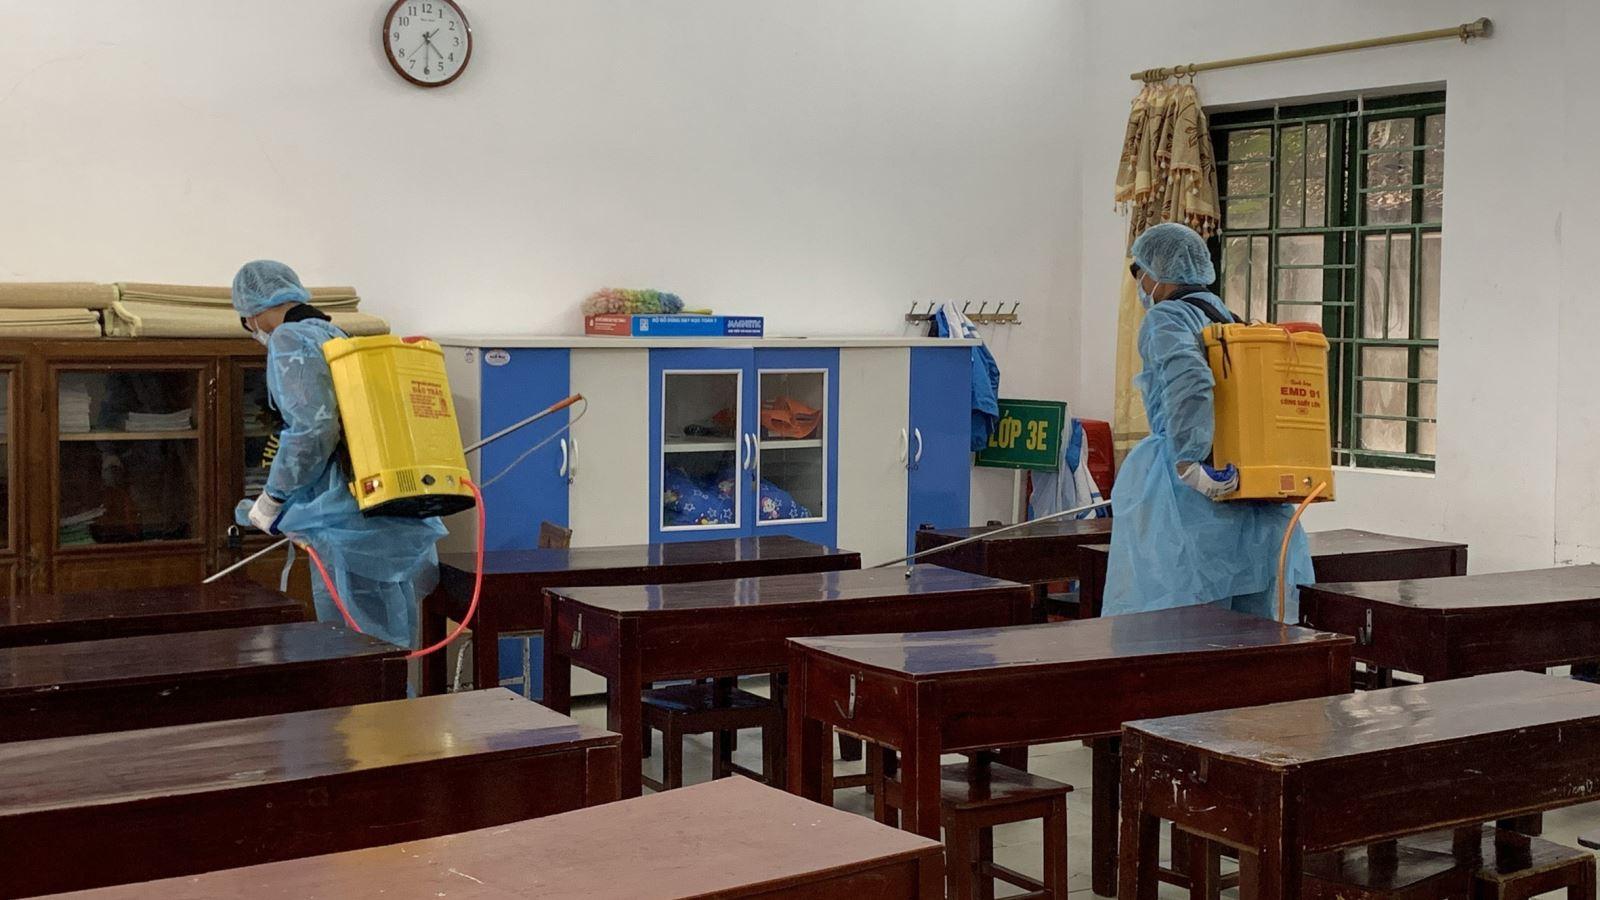 Thông tin mới nhất về dịch bệnh do virus corona: Hà Nội chuẩn bị 2-3 triệu khẩu trang phát miễn phí cho học sinh